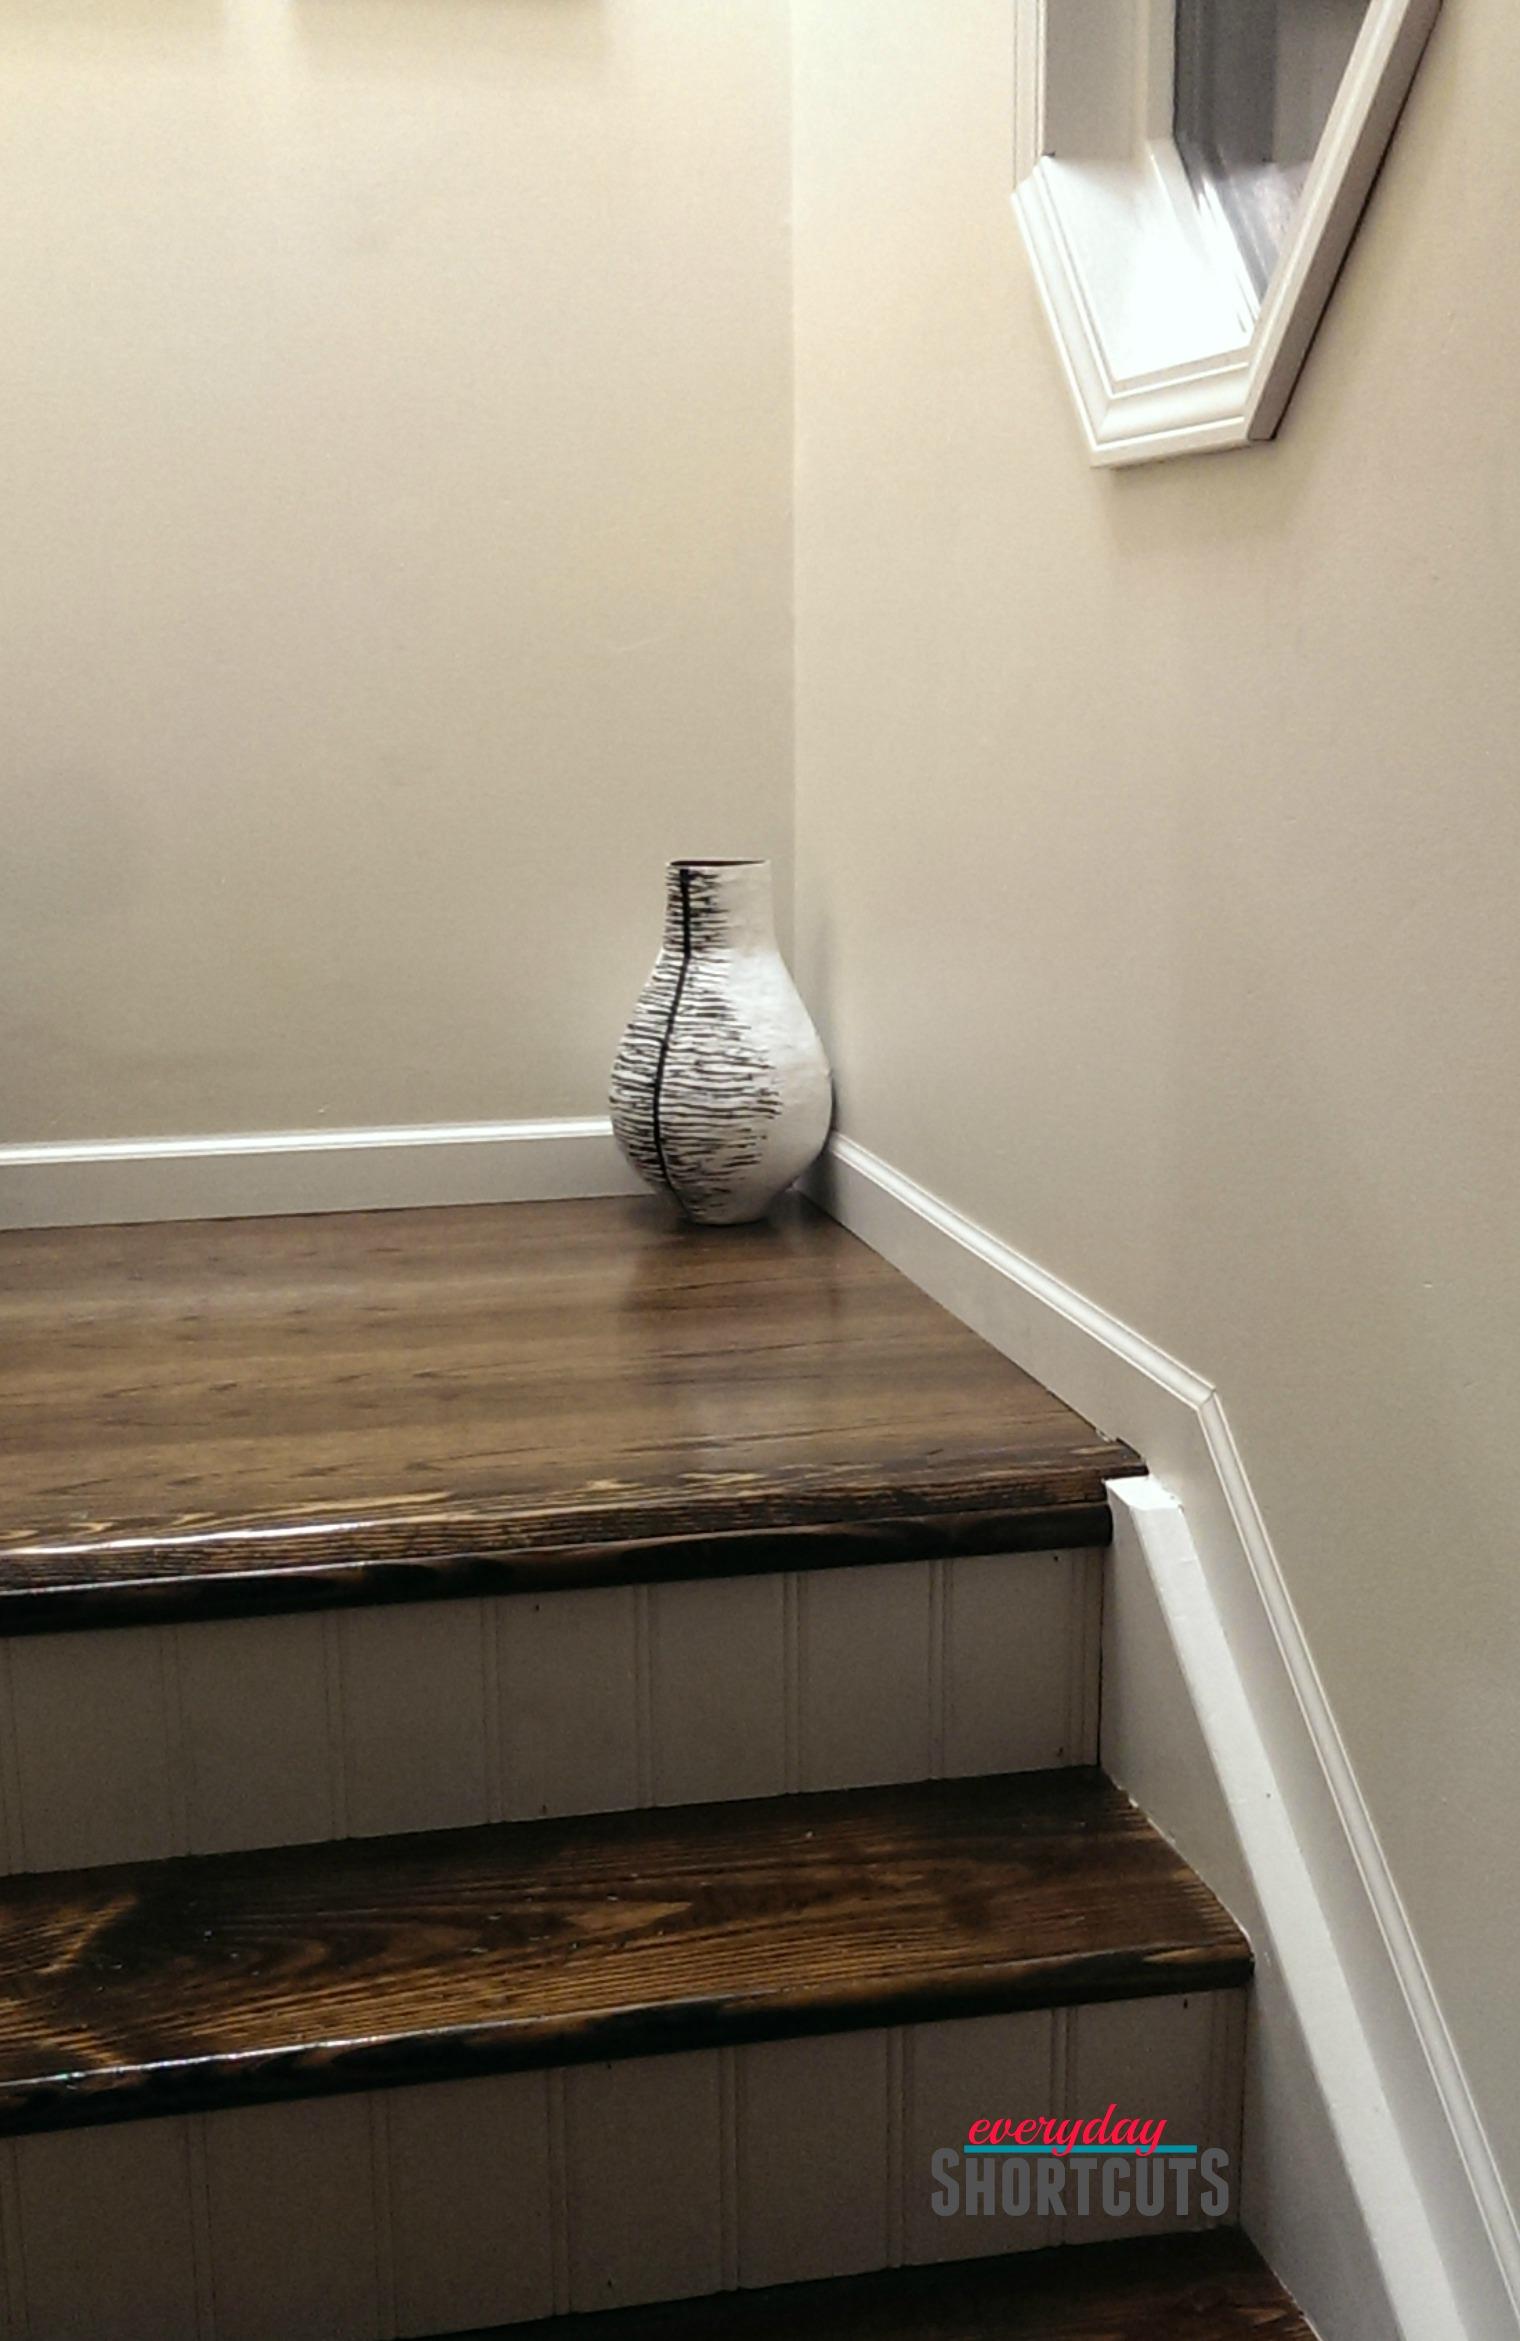 vase on stairs